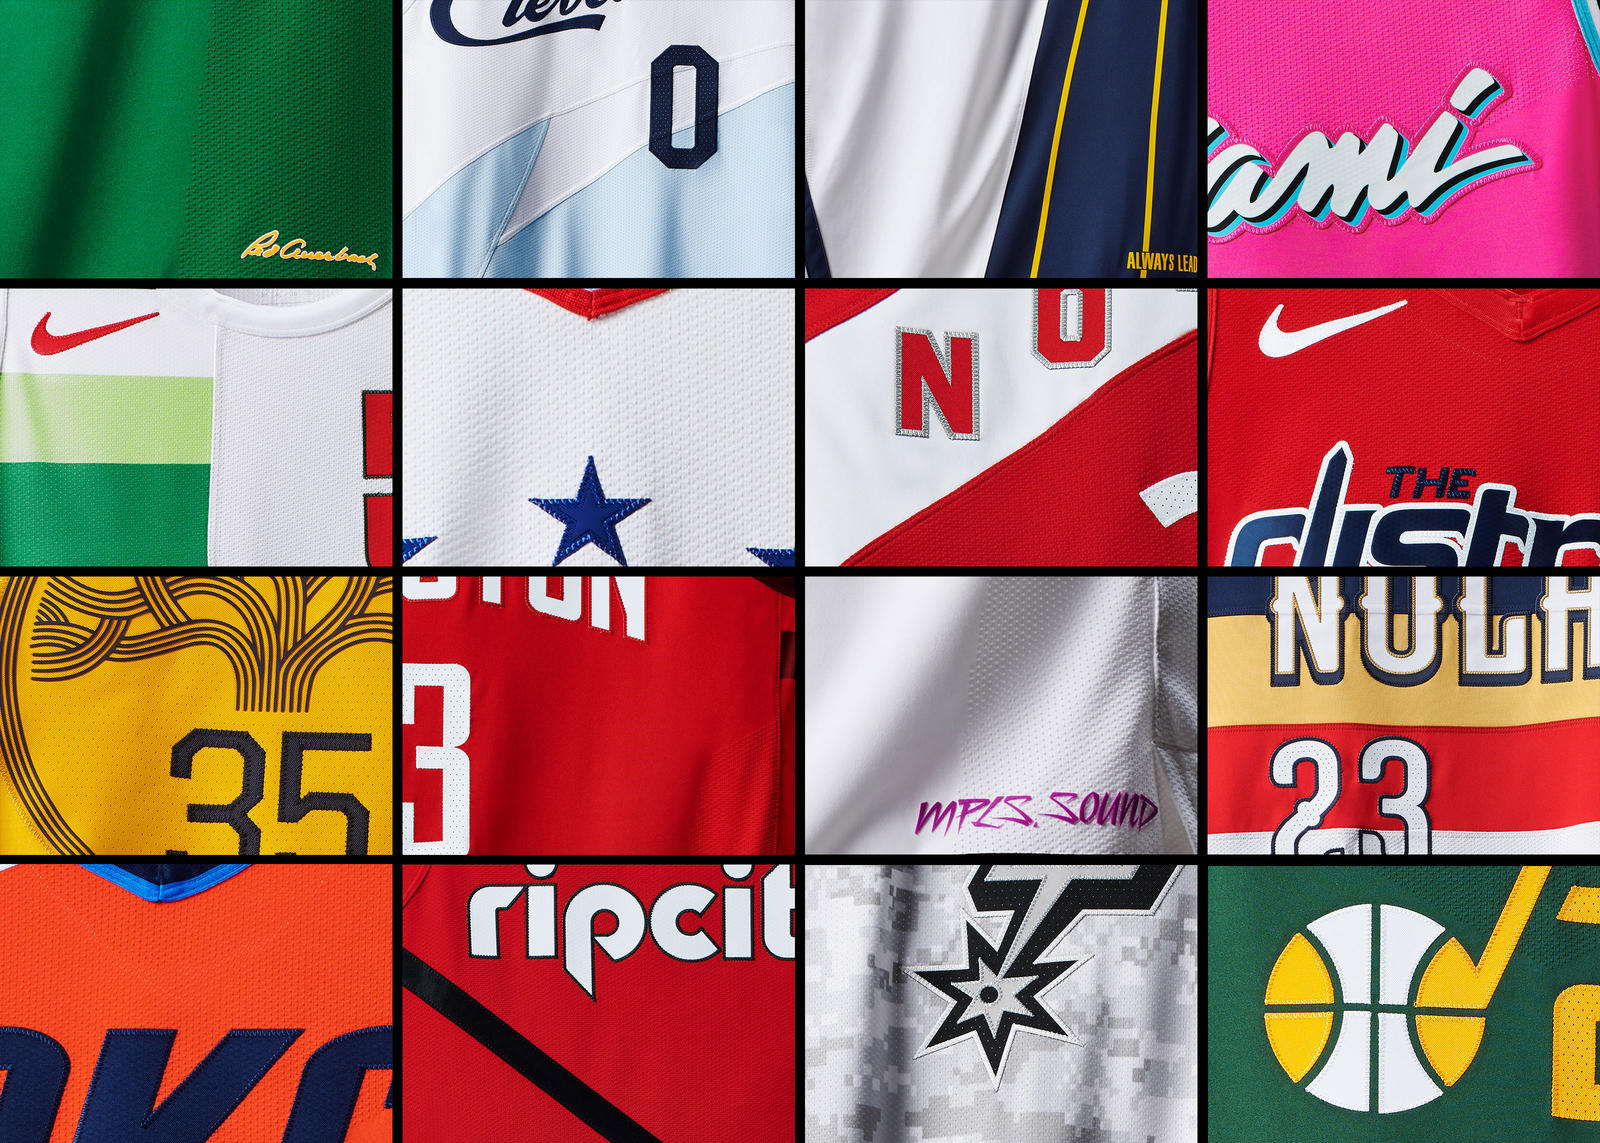 【新聞】NBA榮耀版球衣 只有限定球隊才有!